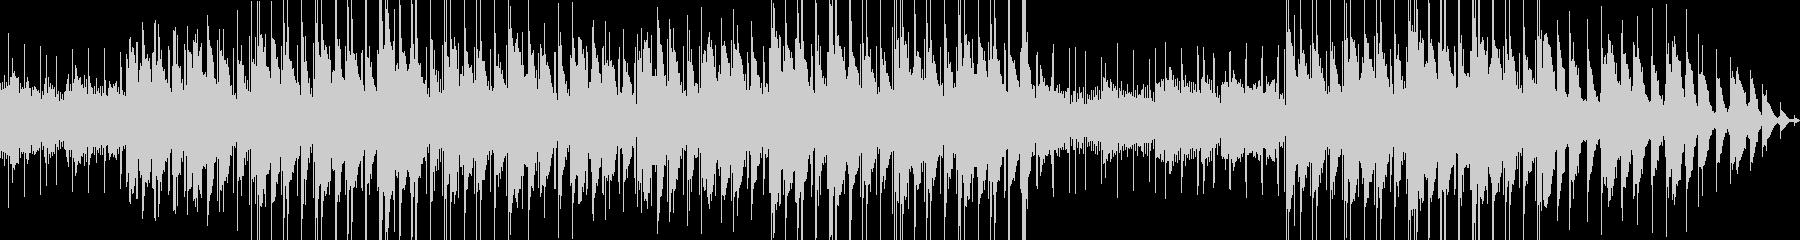 切ないギターヒップホップサウンドの未再生の波形